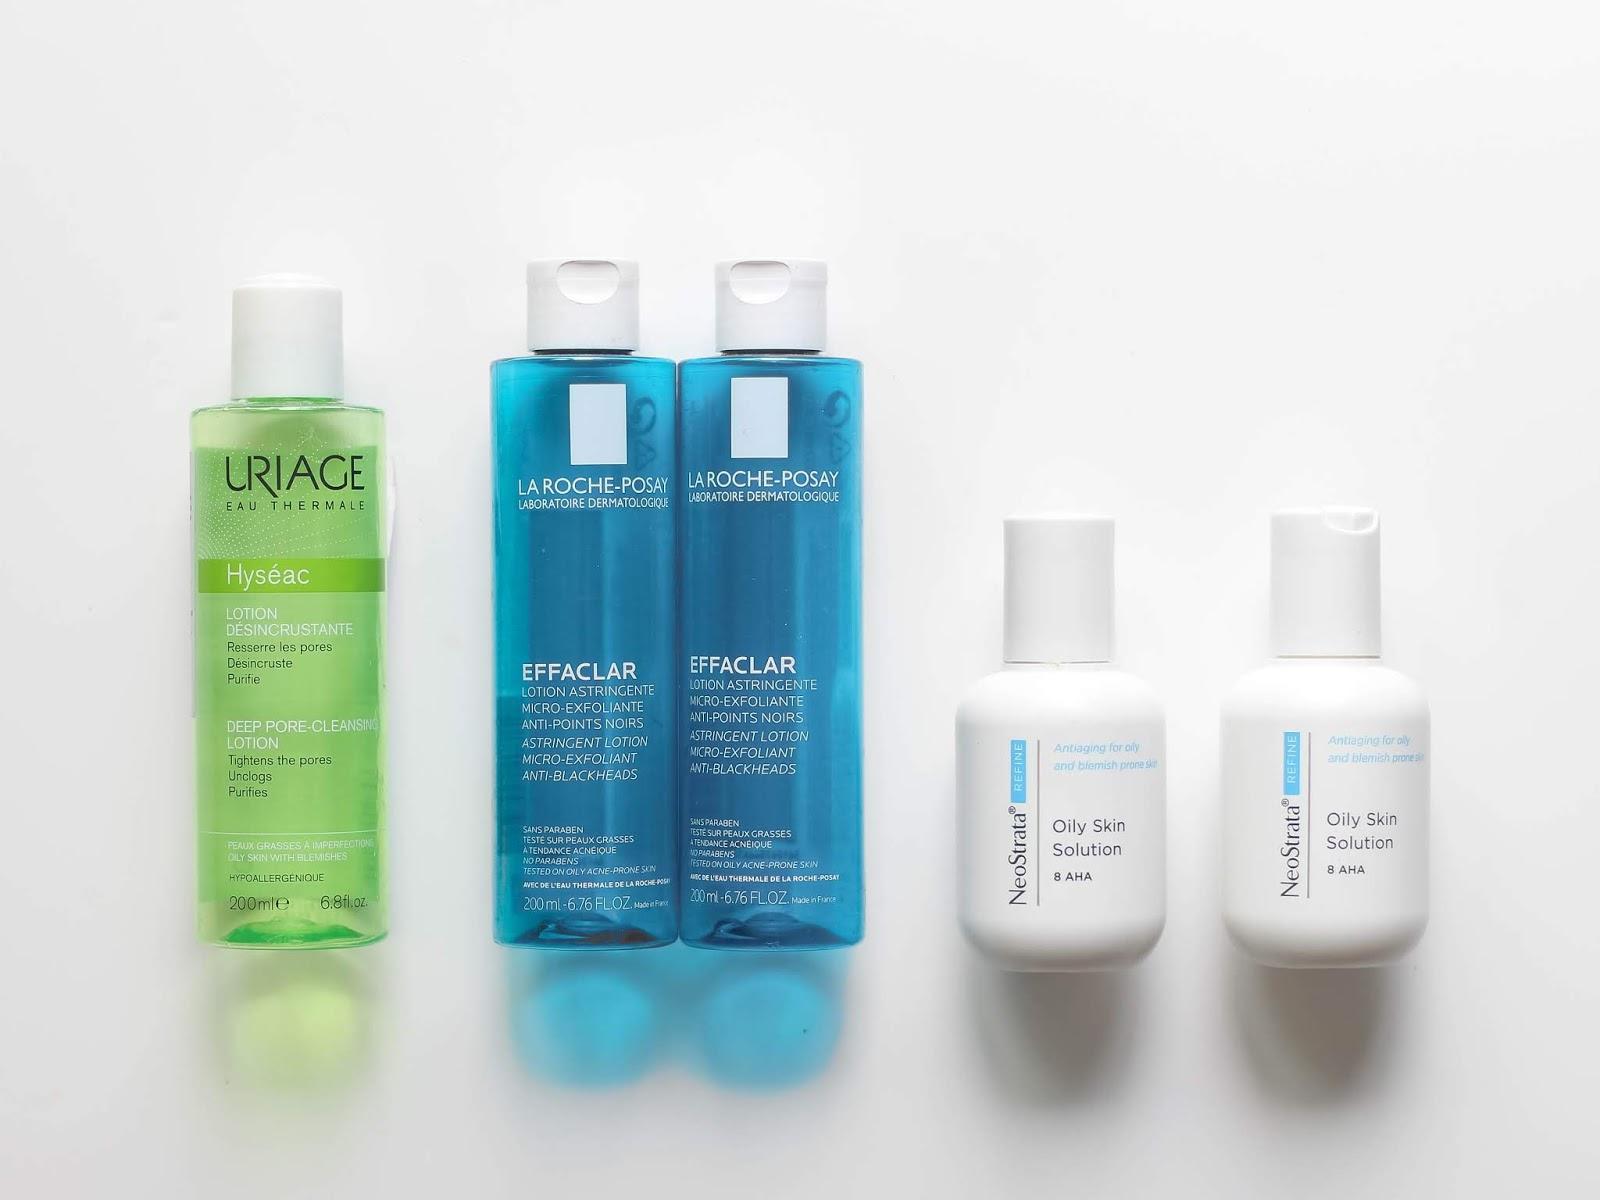 spotřebováno tonikum Uriage, Pleťová voda La Roche Posay a Neostrata oily skin solution